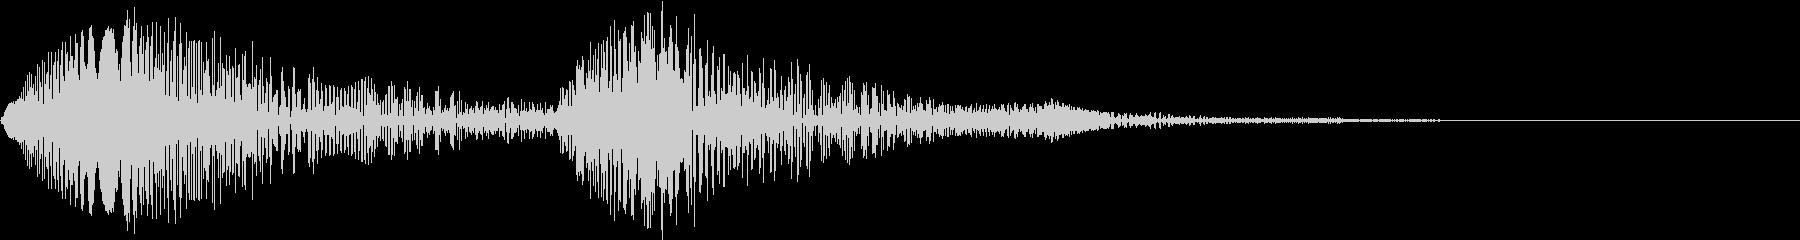 ヒュワッ_コミカルなヒット音の未再生の波形